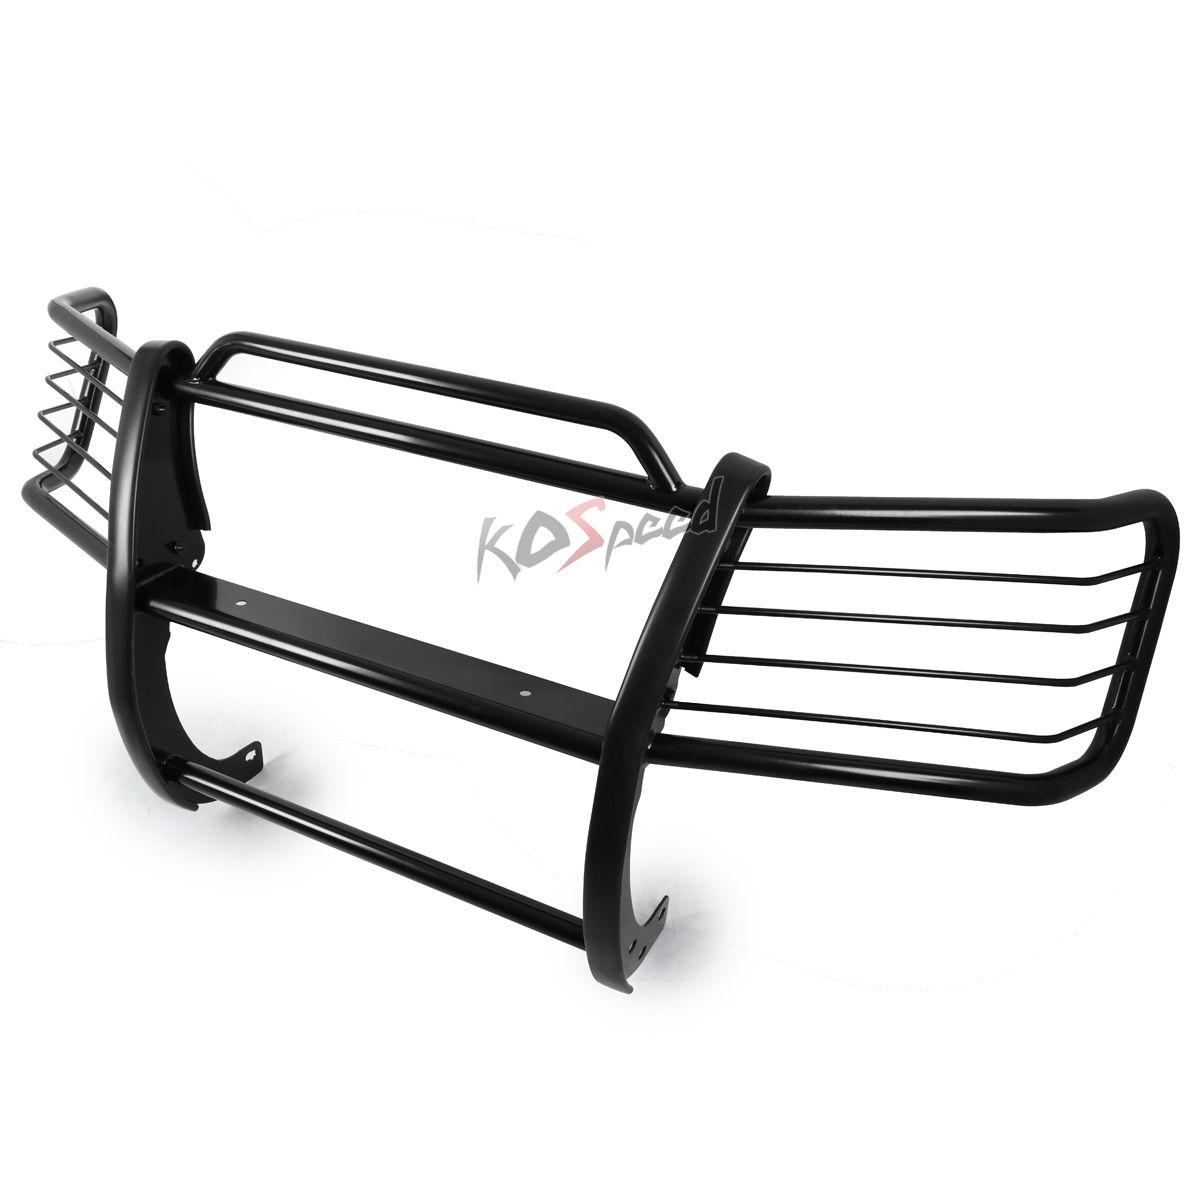 グリル 黒い軽いスチールブラシグリルガードフレームバー02-06雪崩W /クラッド Black Mild Steel Brush Grille Guard Frame Bar for 02-06 Avalanche W/ Cladding